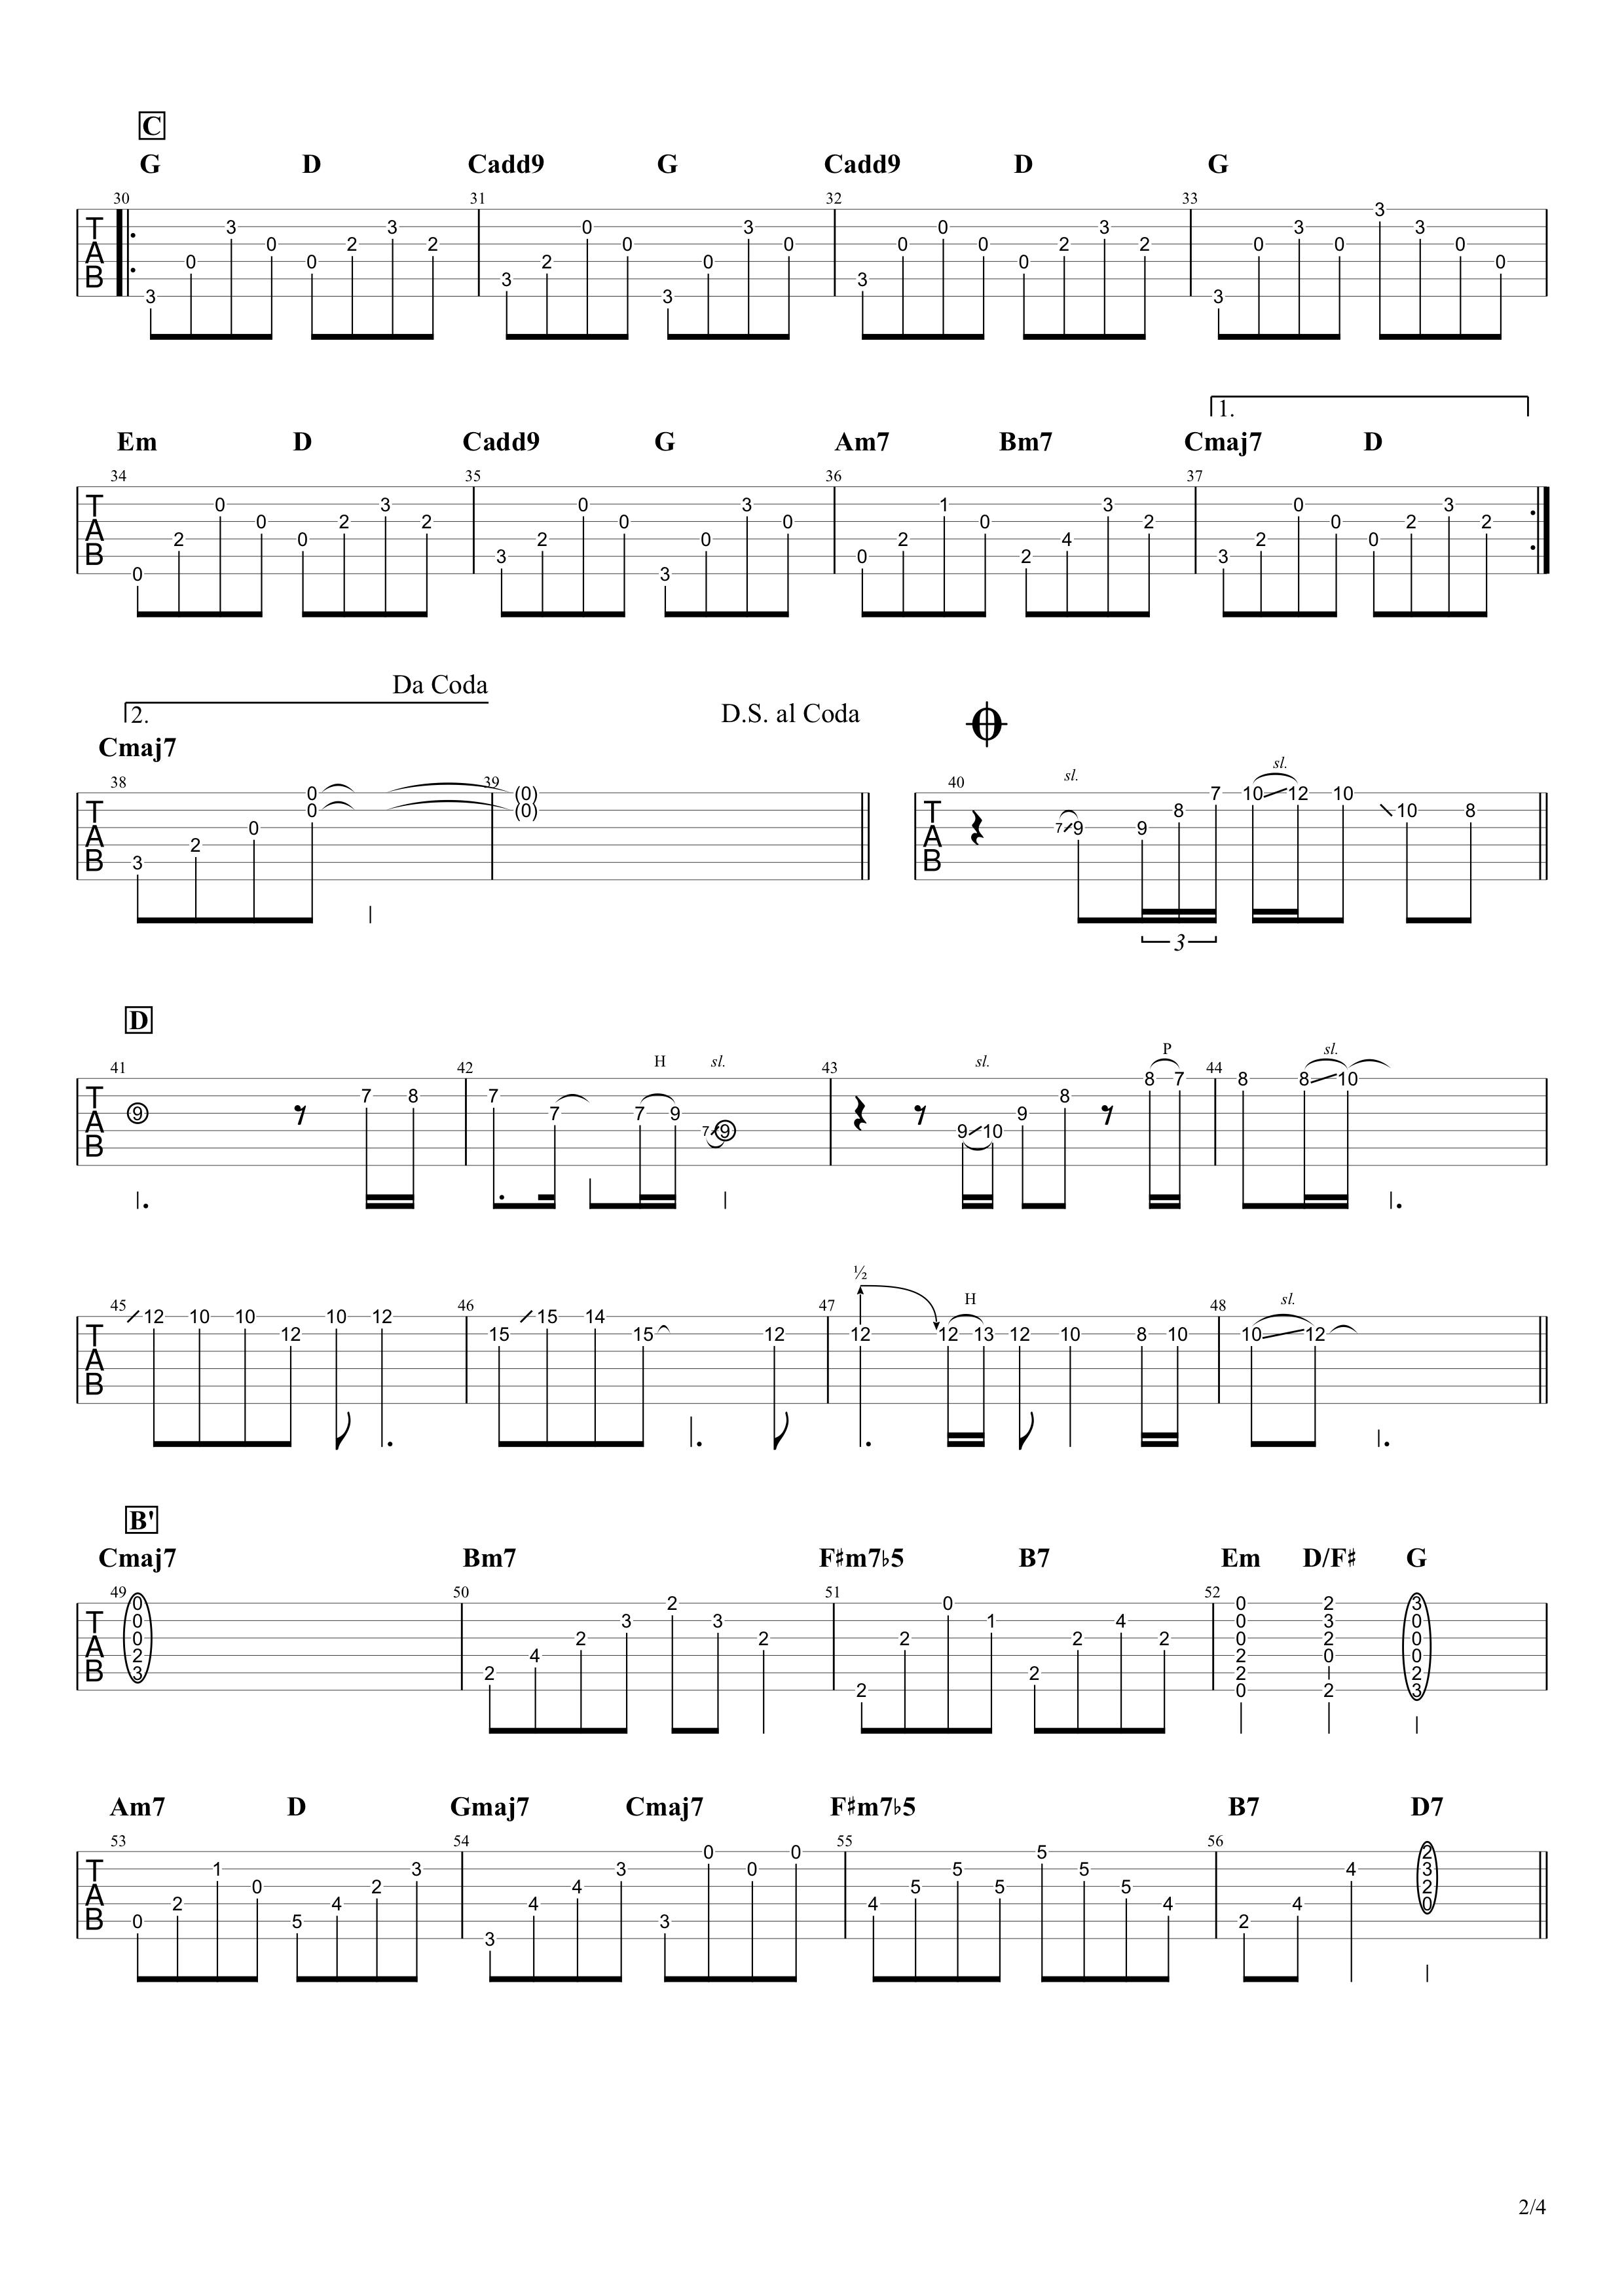 いつかのメリークリスマス/B'z ギタータブ譜 アルペジオ&ギターソロVer.02